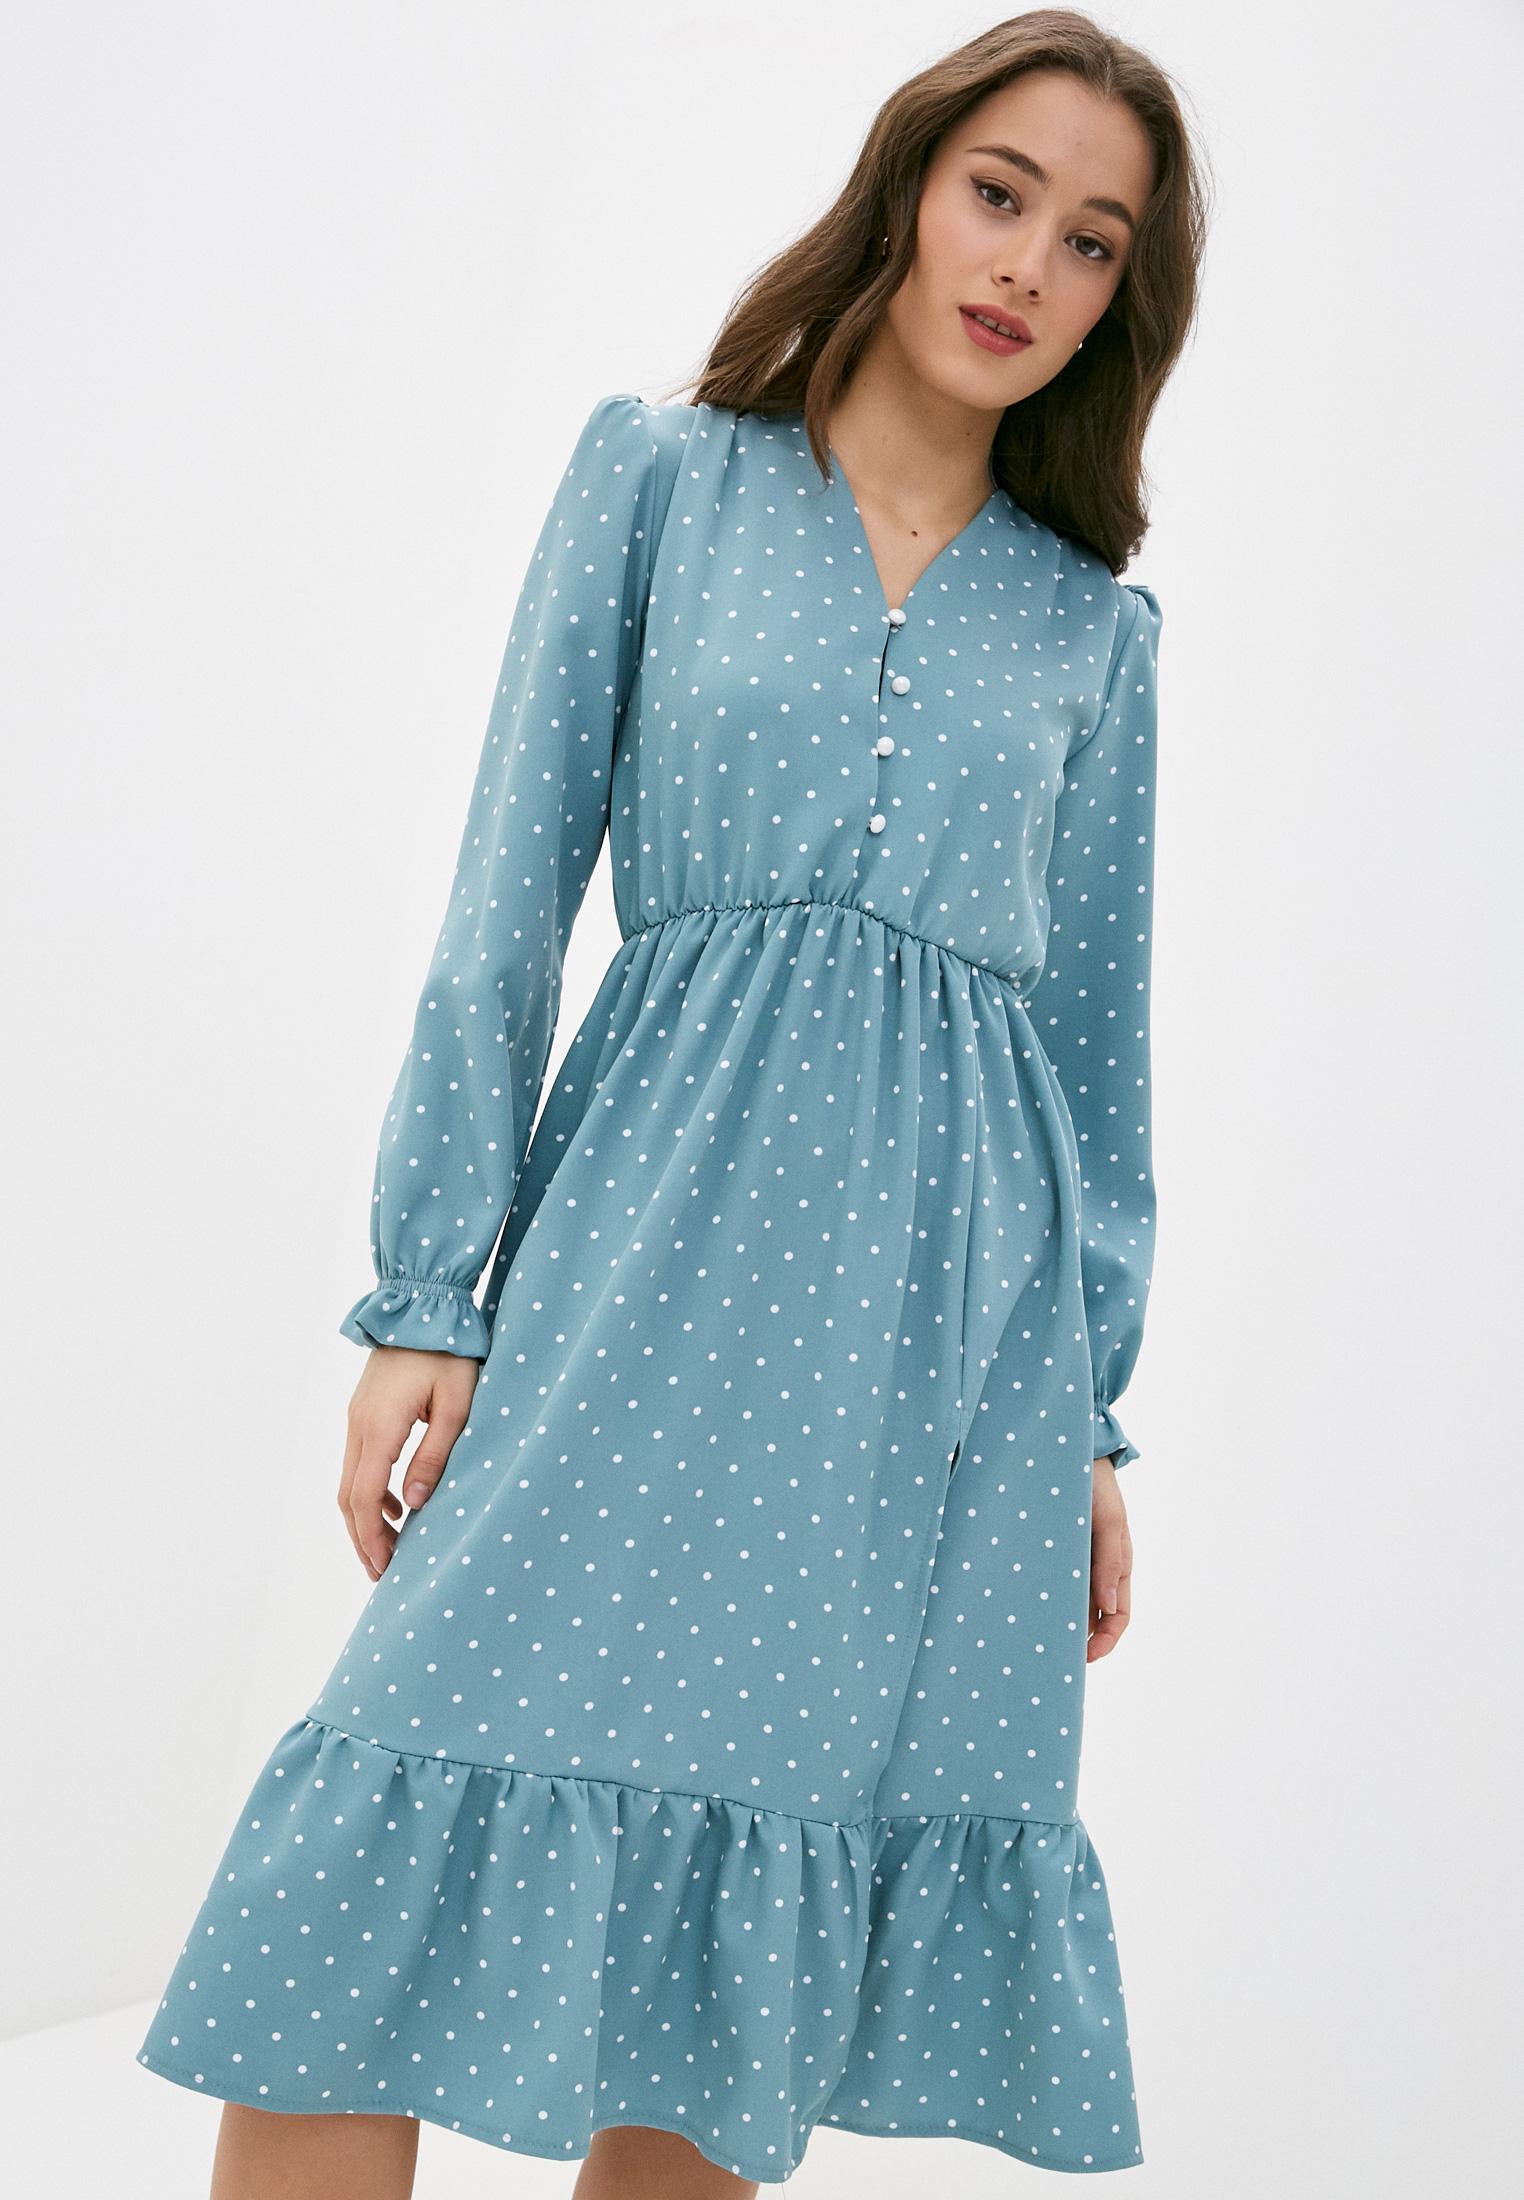 Платье Dunia DU21-31-1